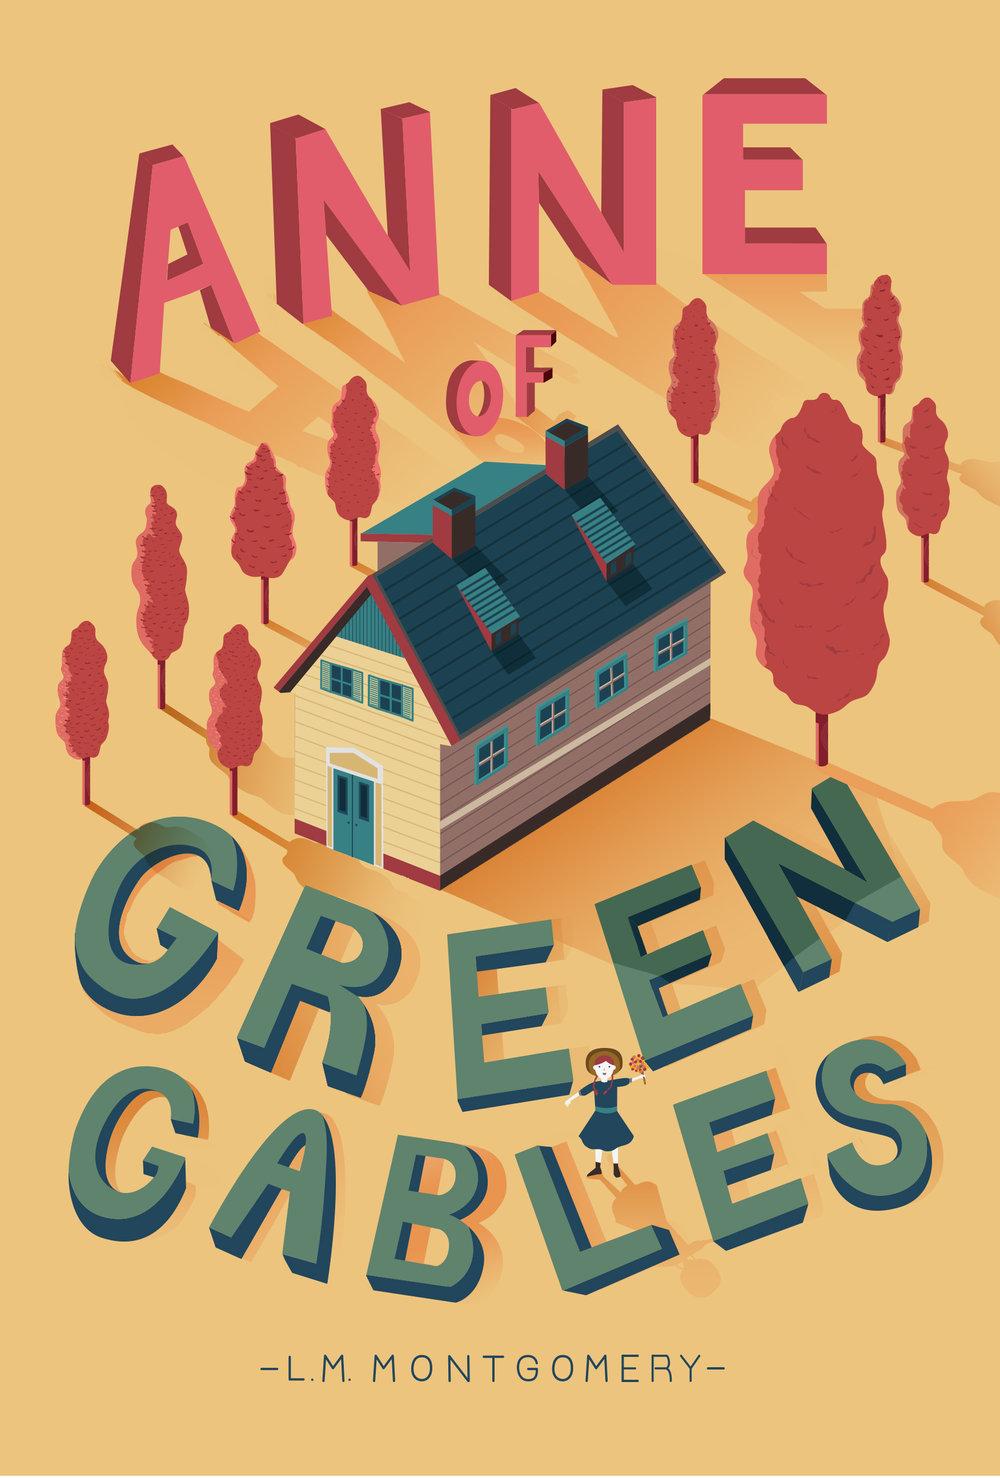 anne of green gables_alicejeong.jpg